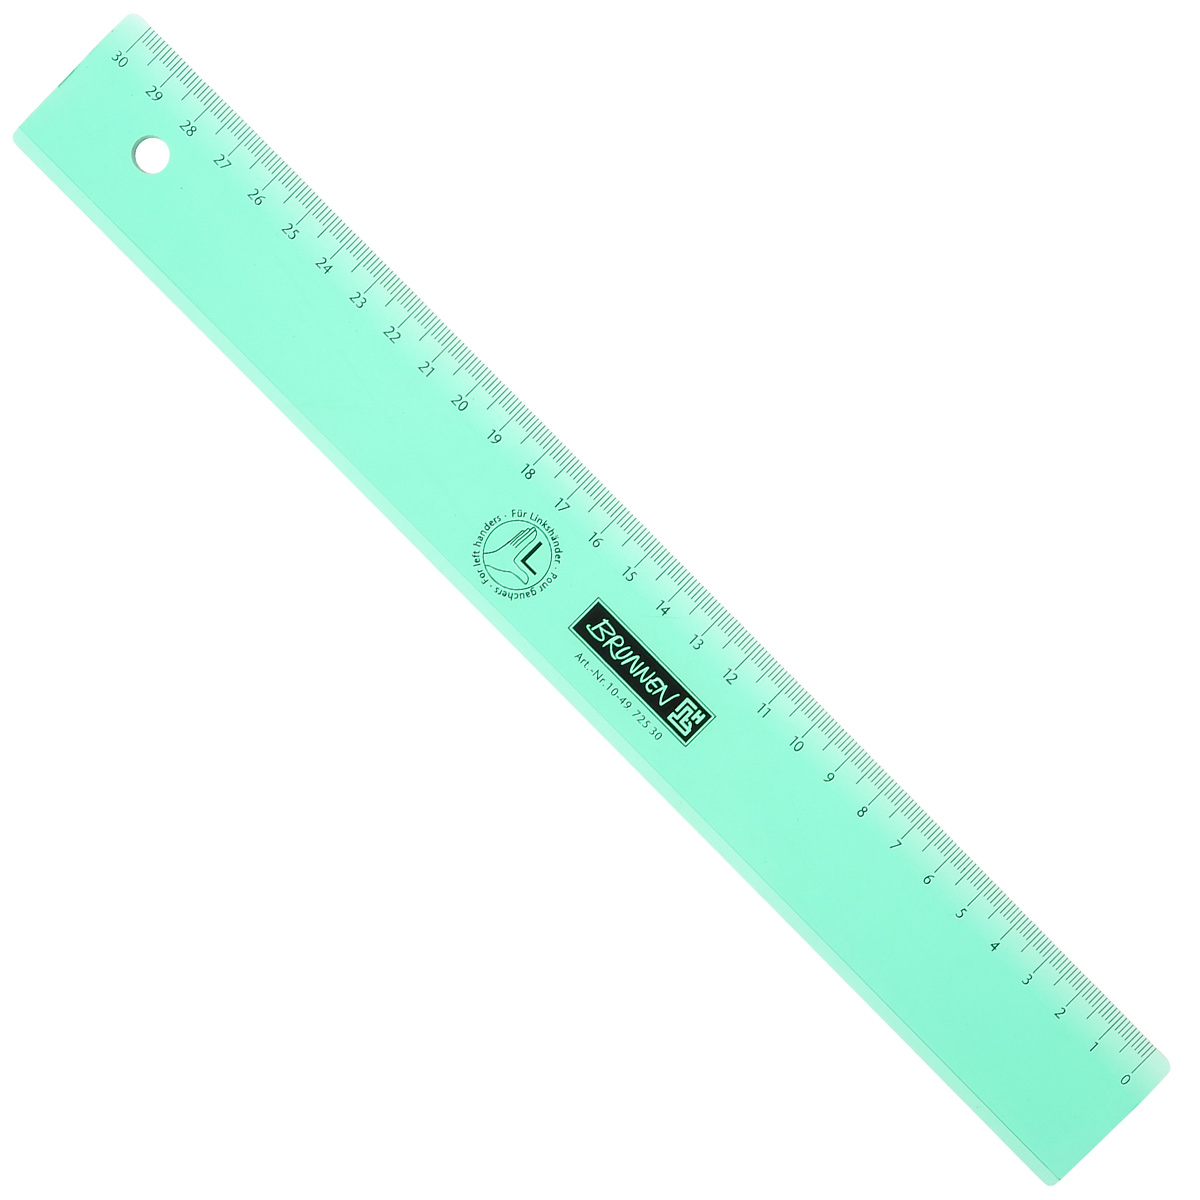 Линейка для левши Brunnen, цвет: зеленый, 30 см49725-30\BCDЛинейка Brunnen, длиной 30 см, выполнена из прозрачного пластика зеленого цвета. Линейка предназначена специально для левшей. Шкала на линейке расположена справа налево. Линейка Brunnen - это незаменимый атрибут, необходимый школьнику или студенту, упрощающий измерение и обеспечивающий ровность проводимых линий.